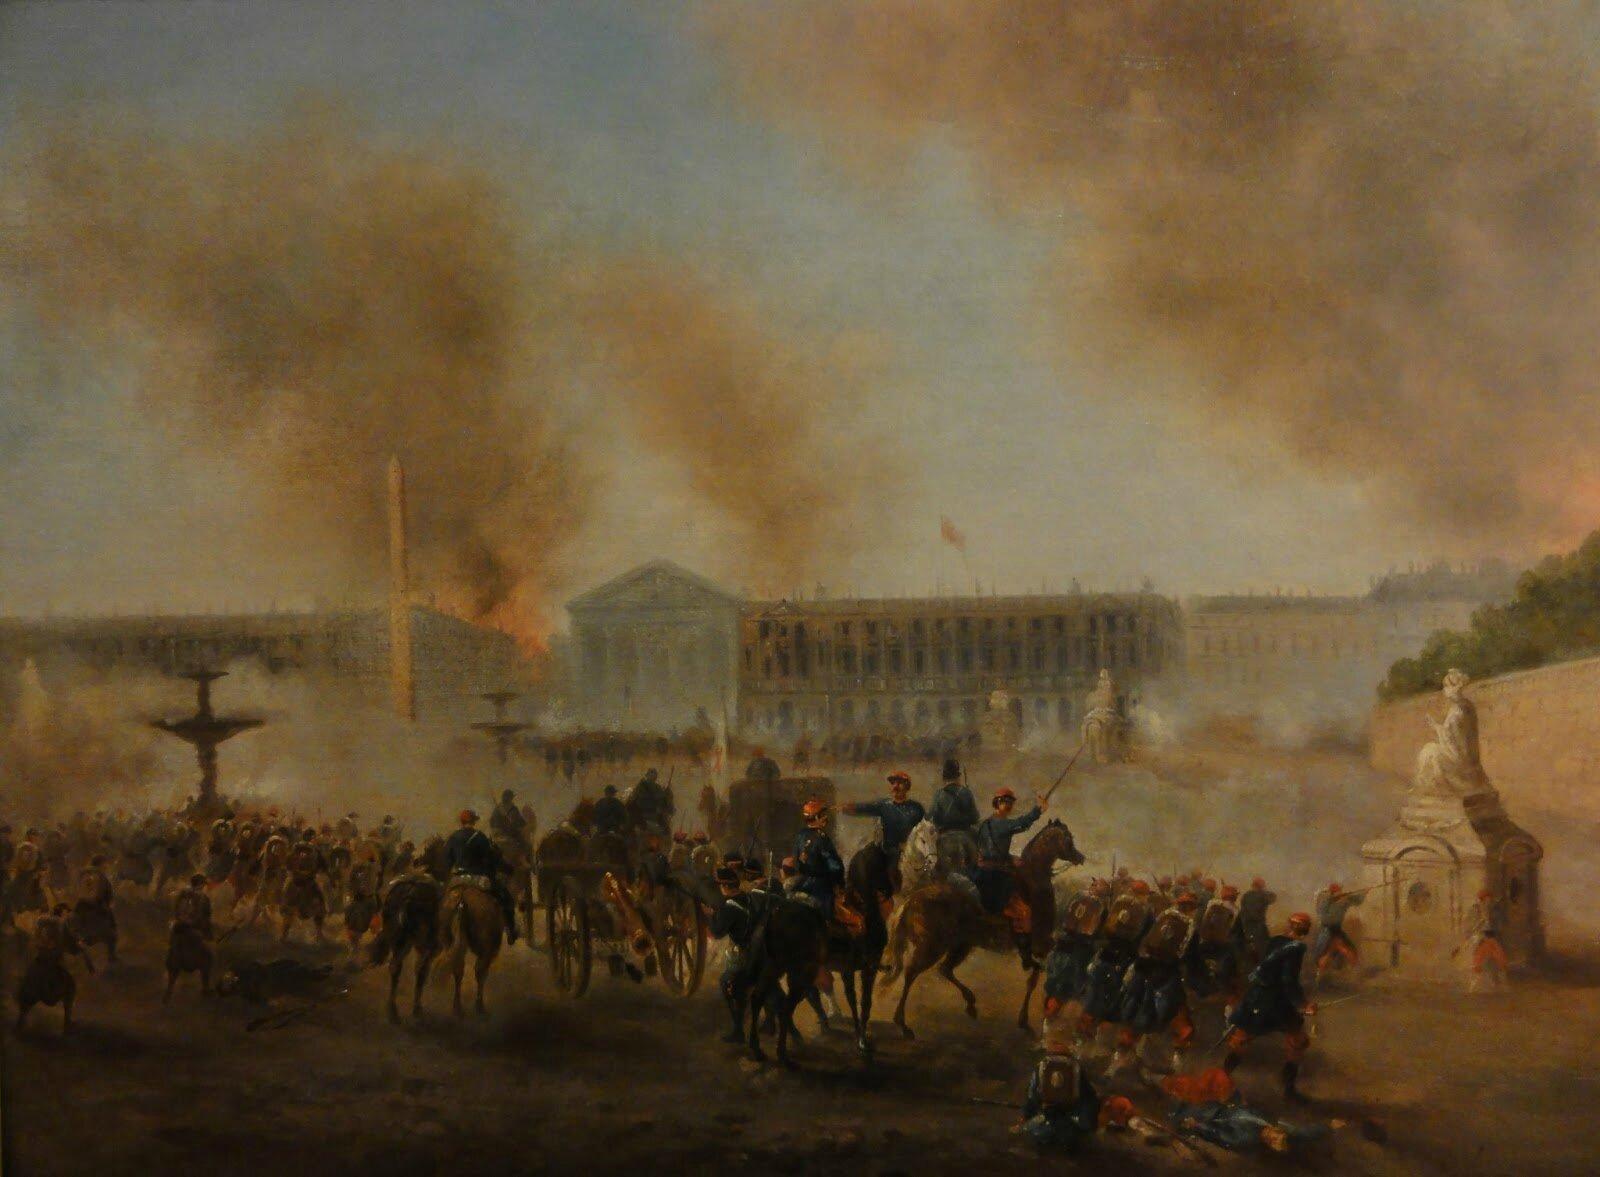 Boulanger, place de la concorde en mai 1871